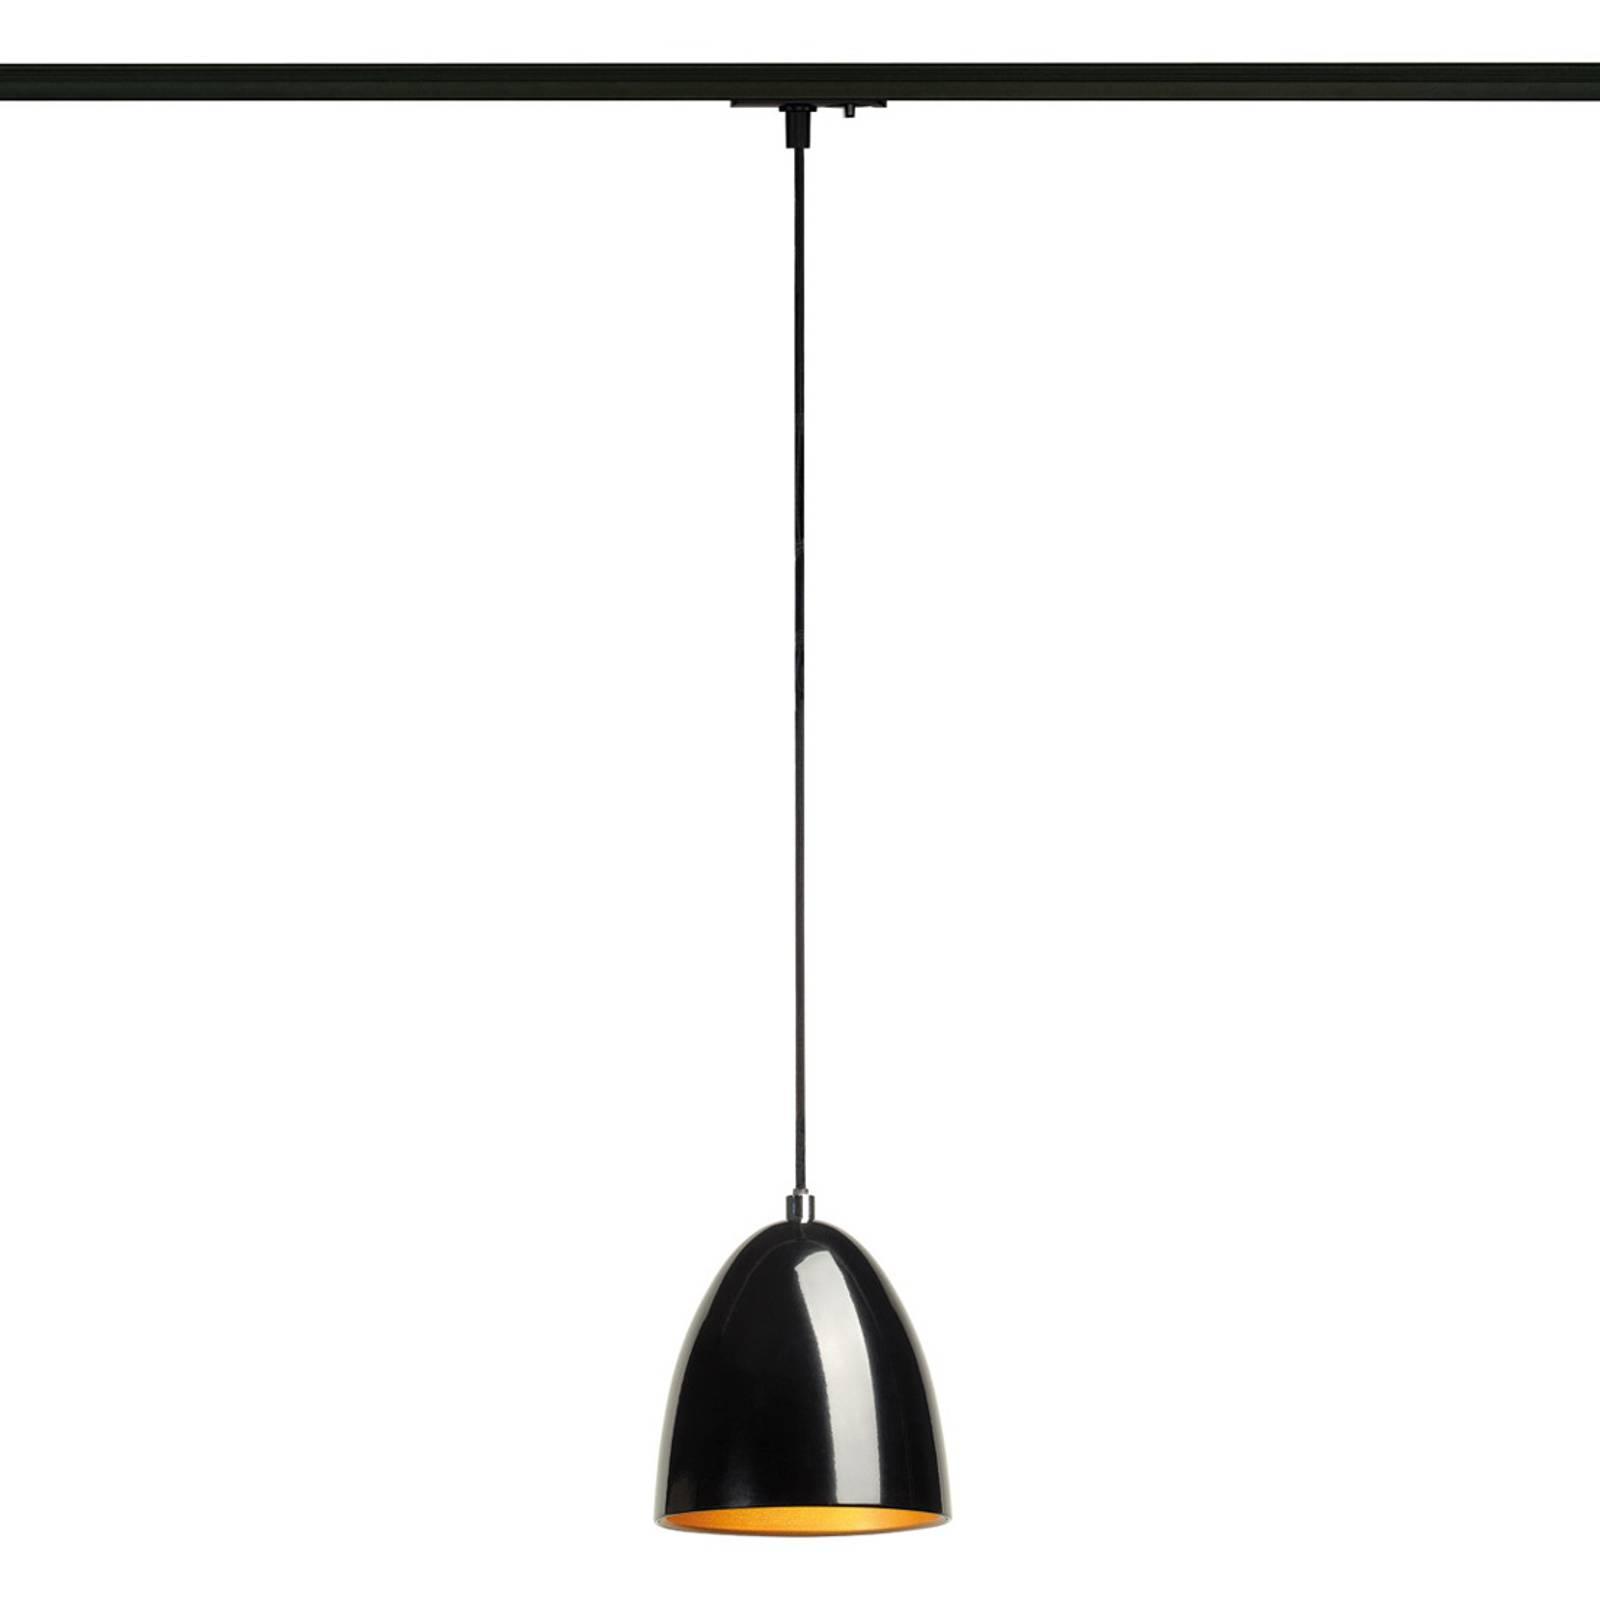 SLV Para Cone Hängeleuchte 1-Phasen schwarz/gold günstig online kaufen